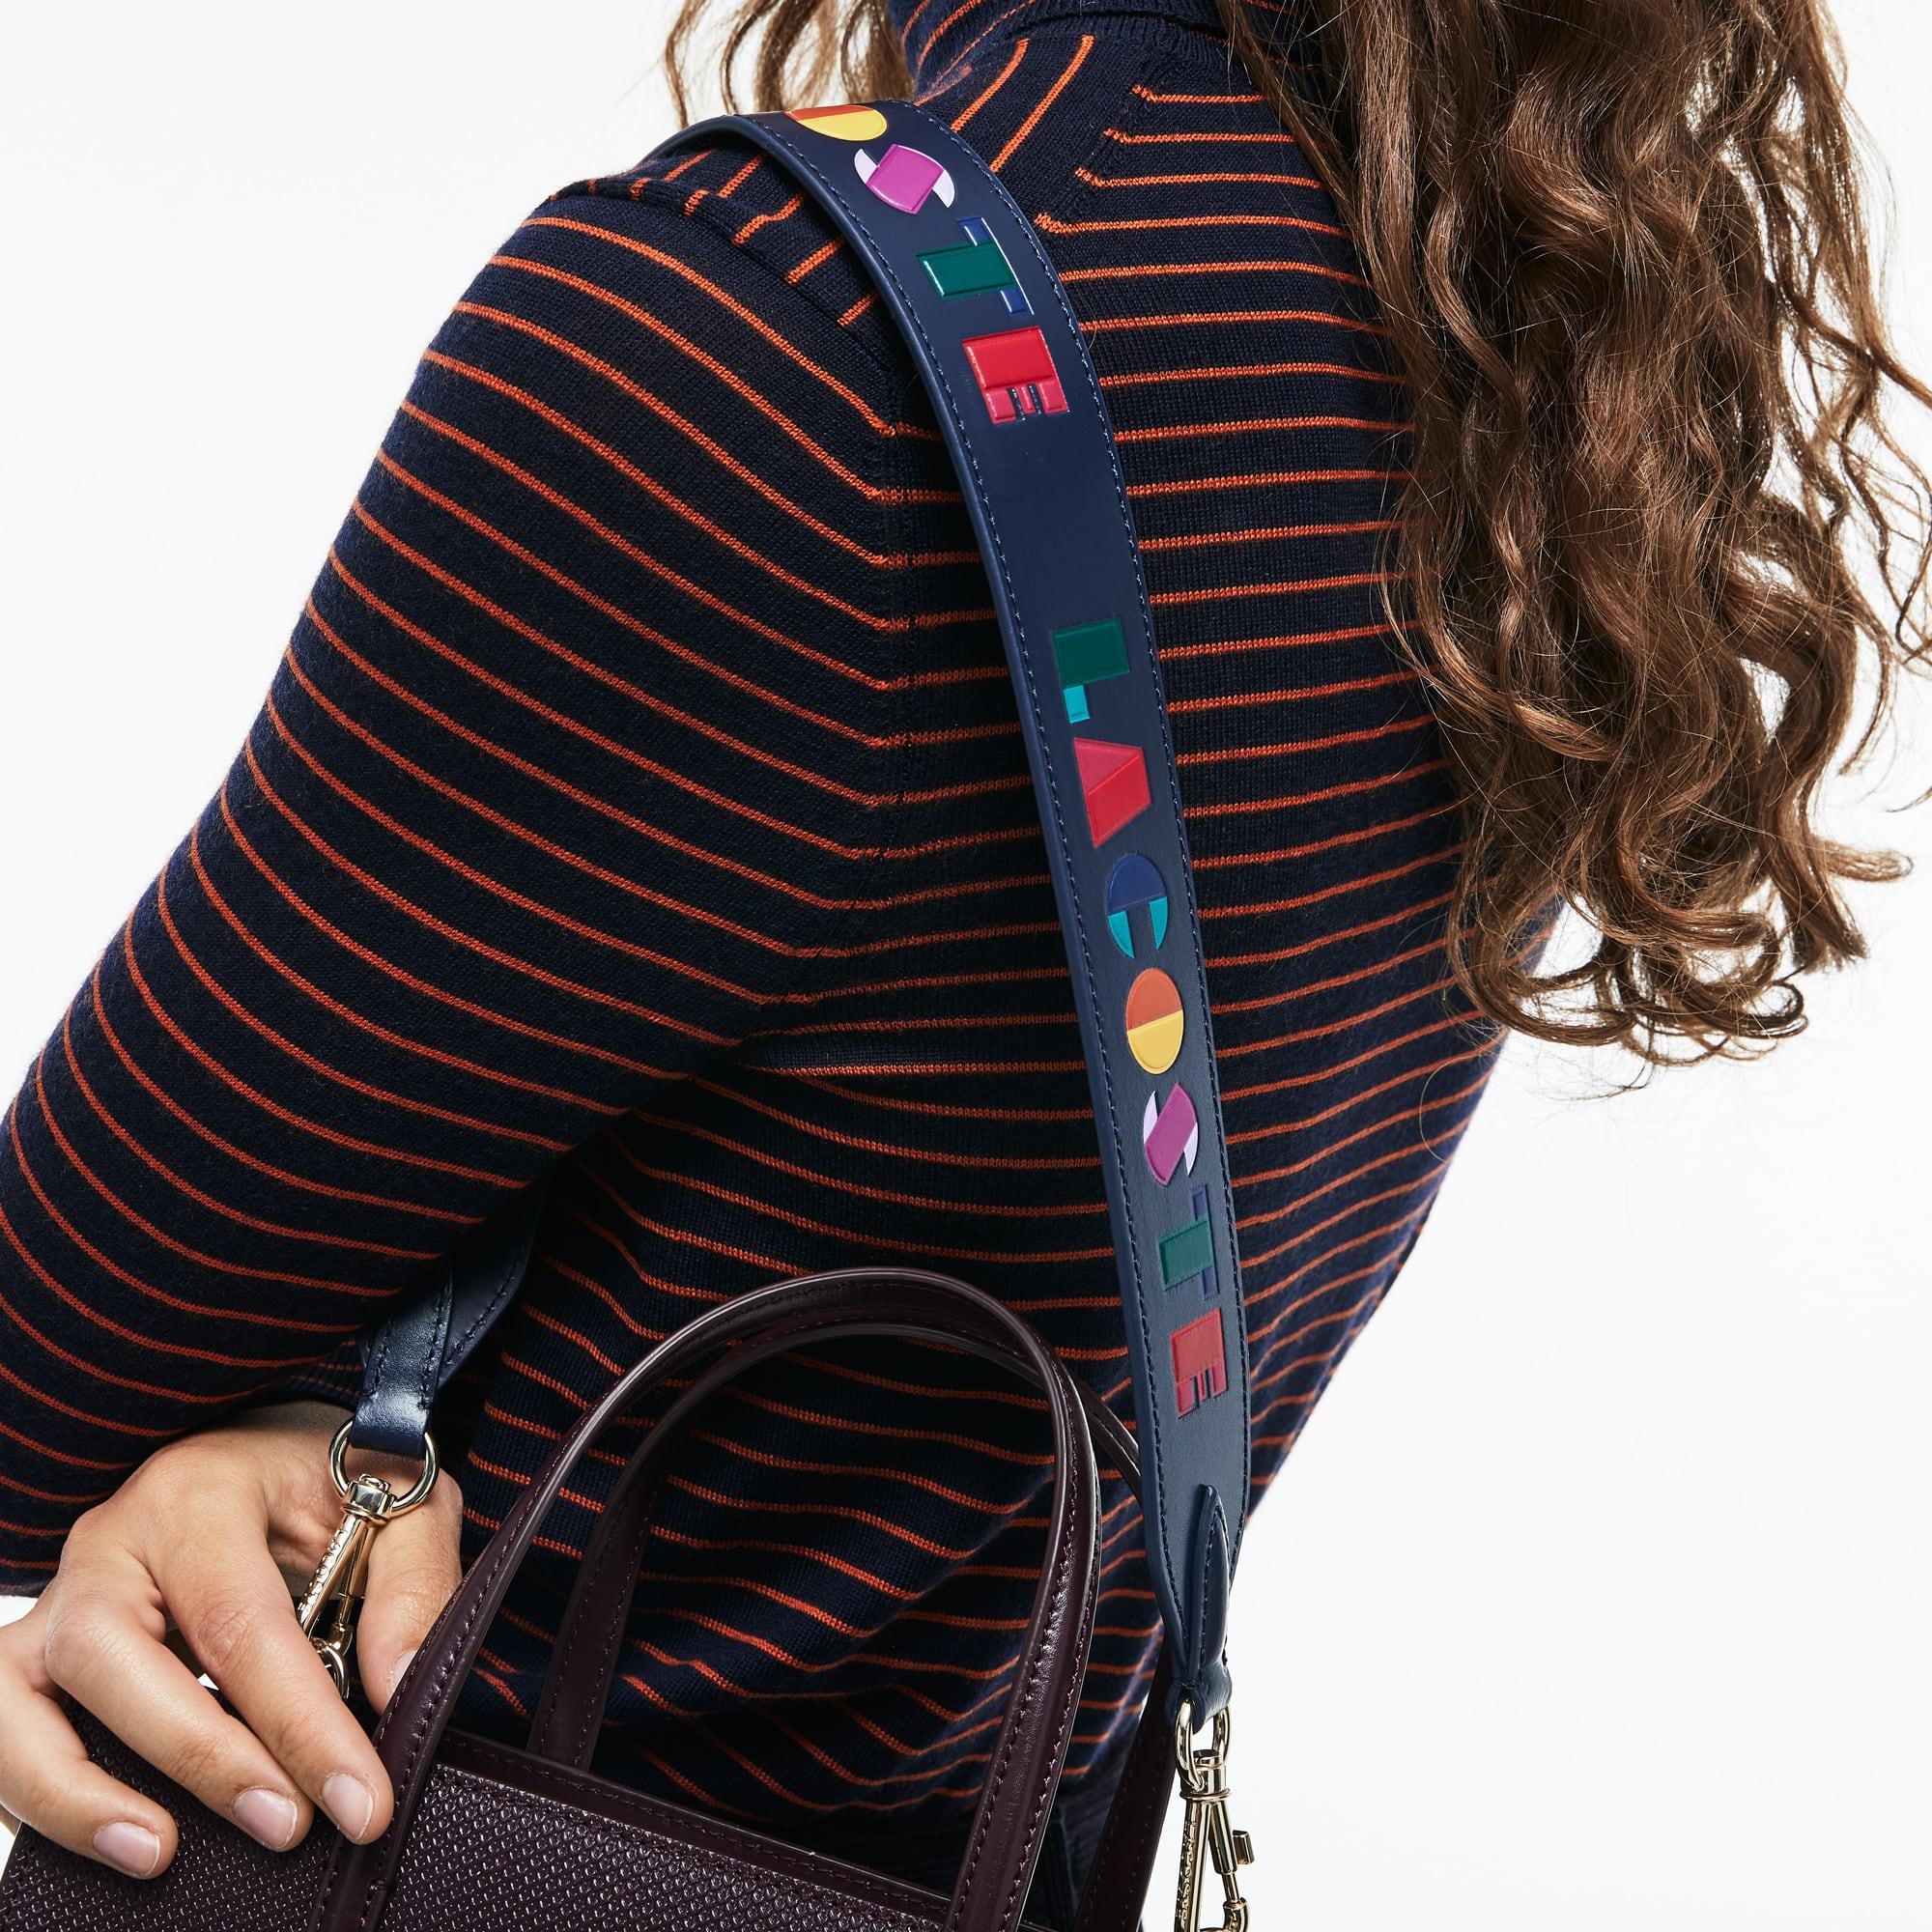 Correa De Hombro De Mujer Fancy Straps En Piel Con Inscripción Lacoste En Color